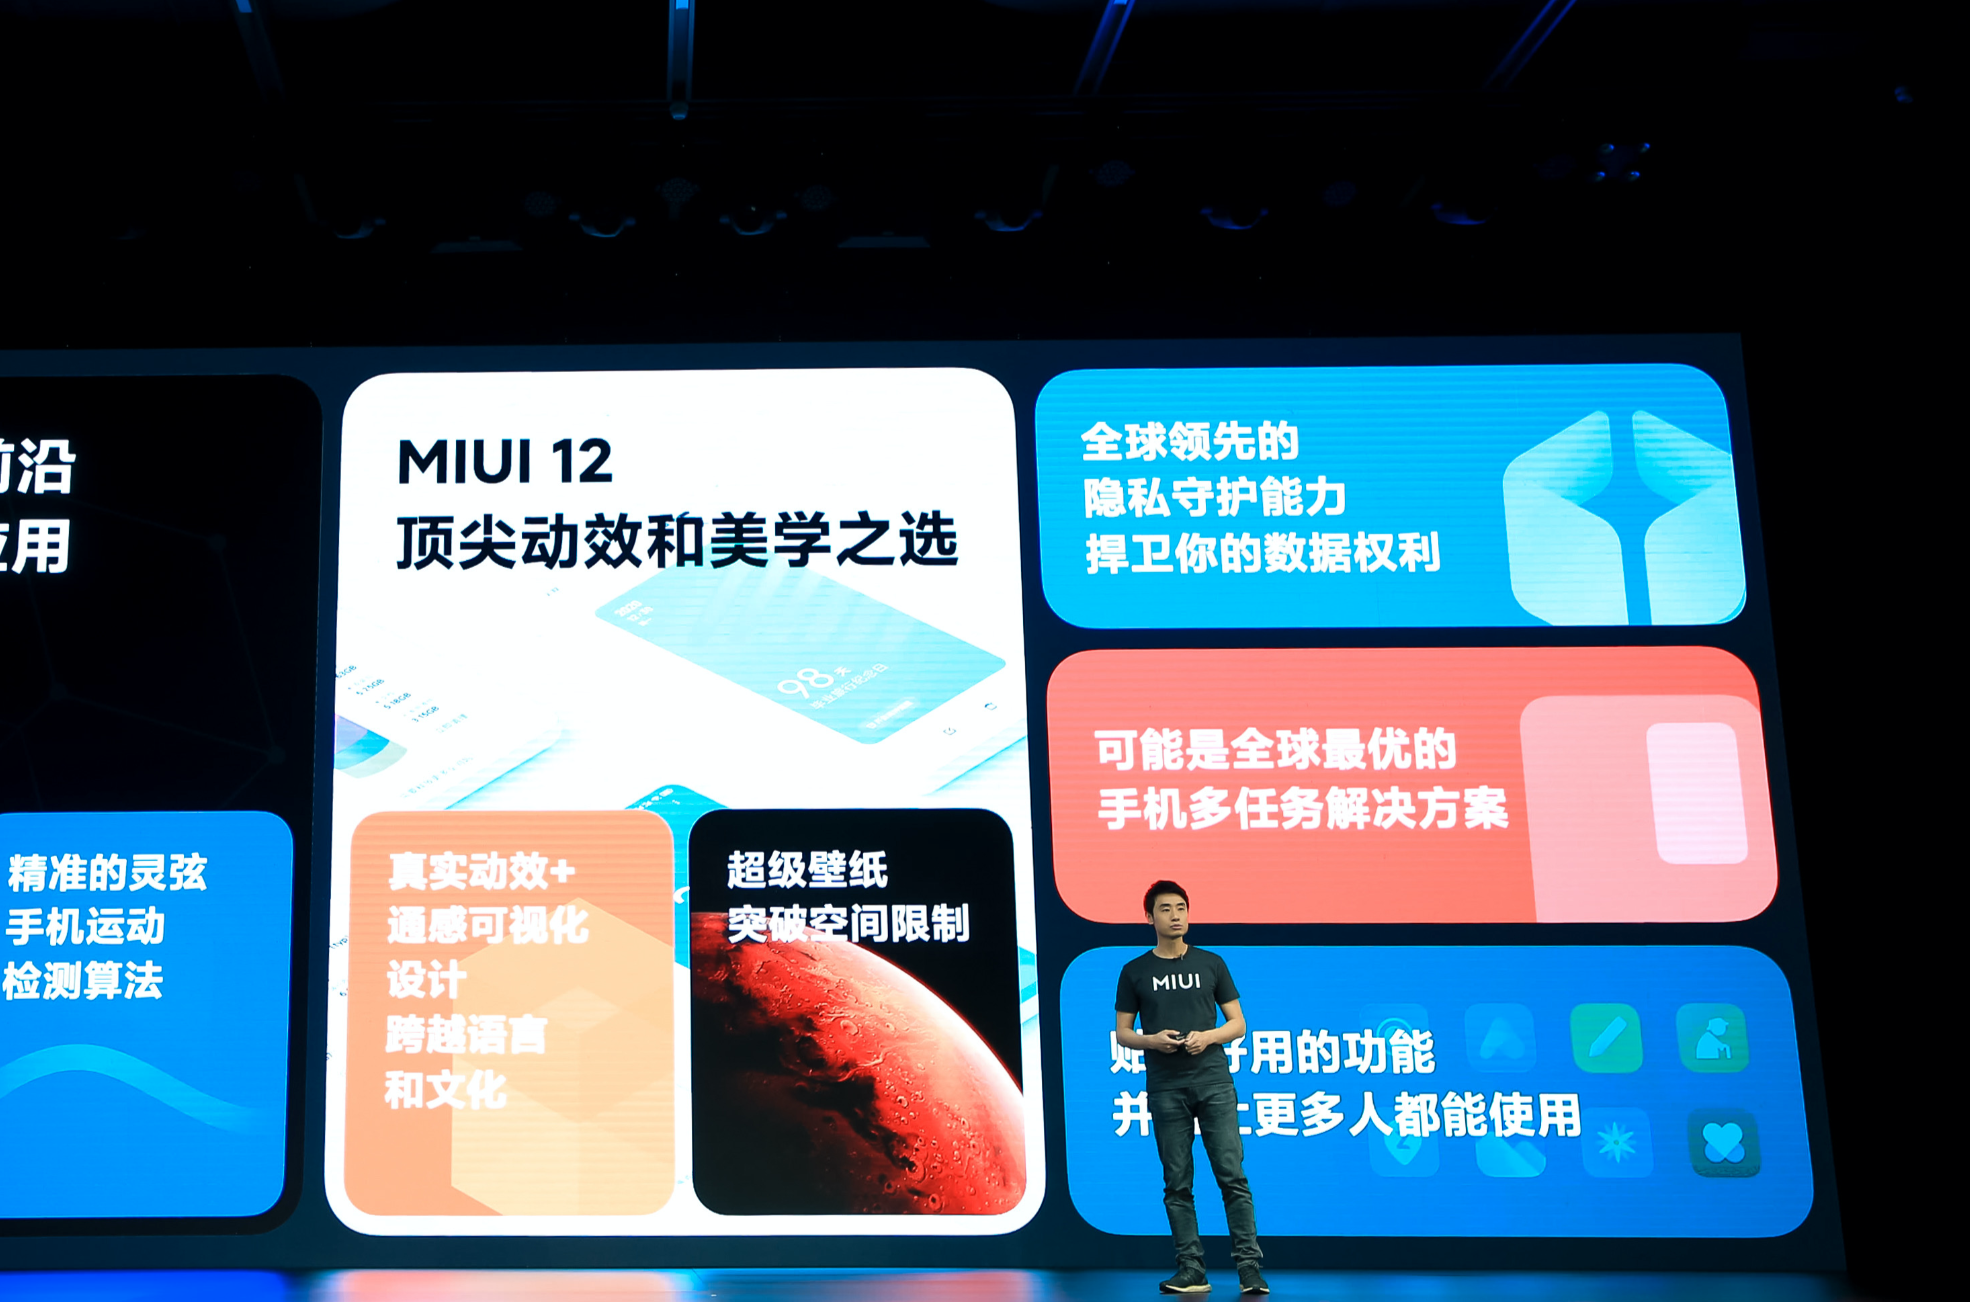 小米MIU12系统今日开启内测